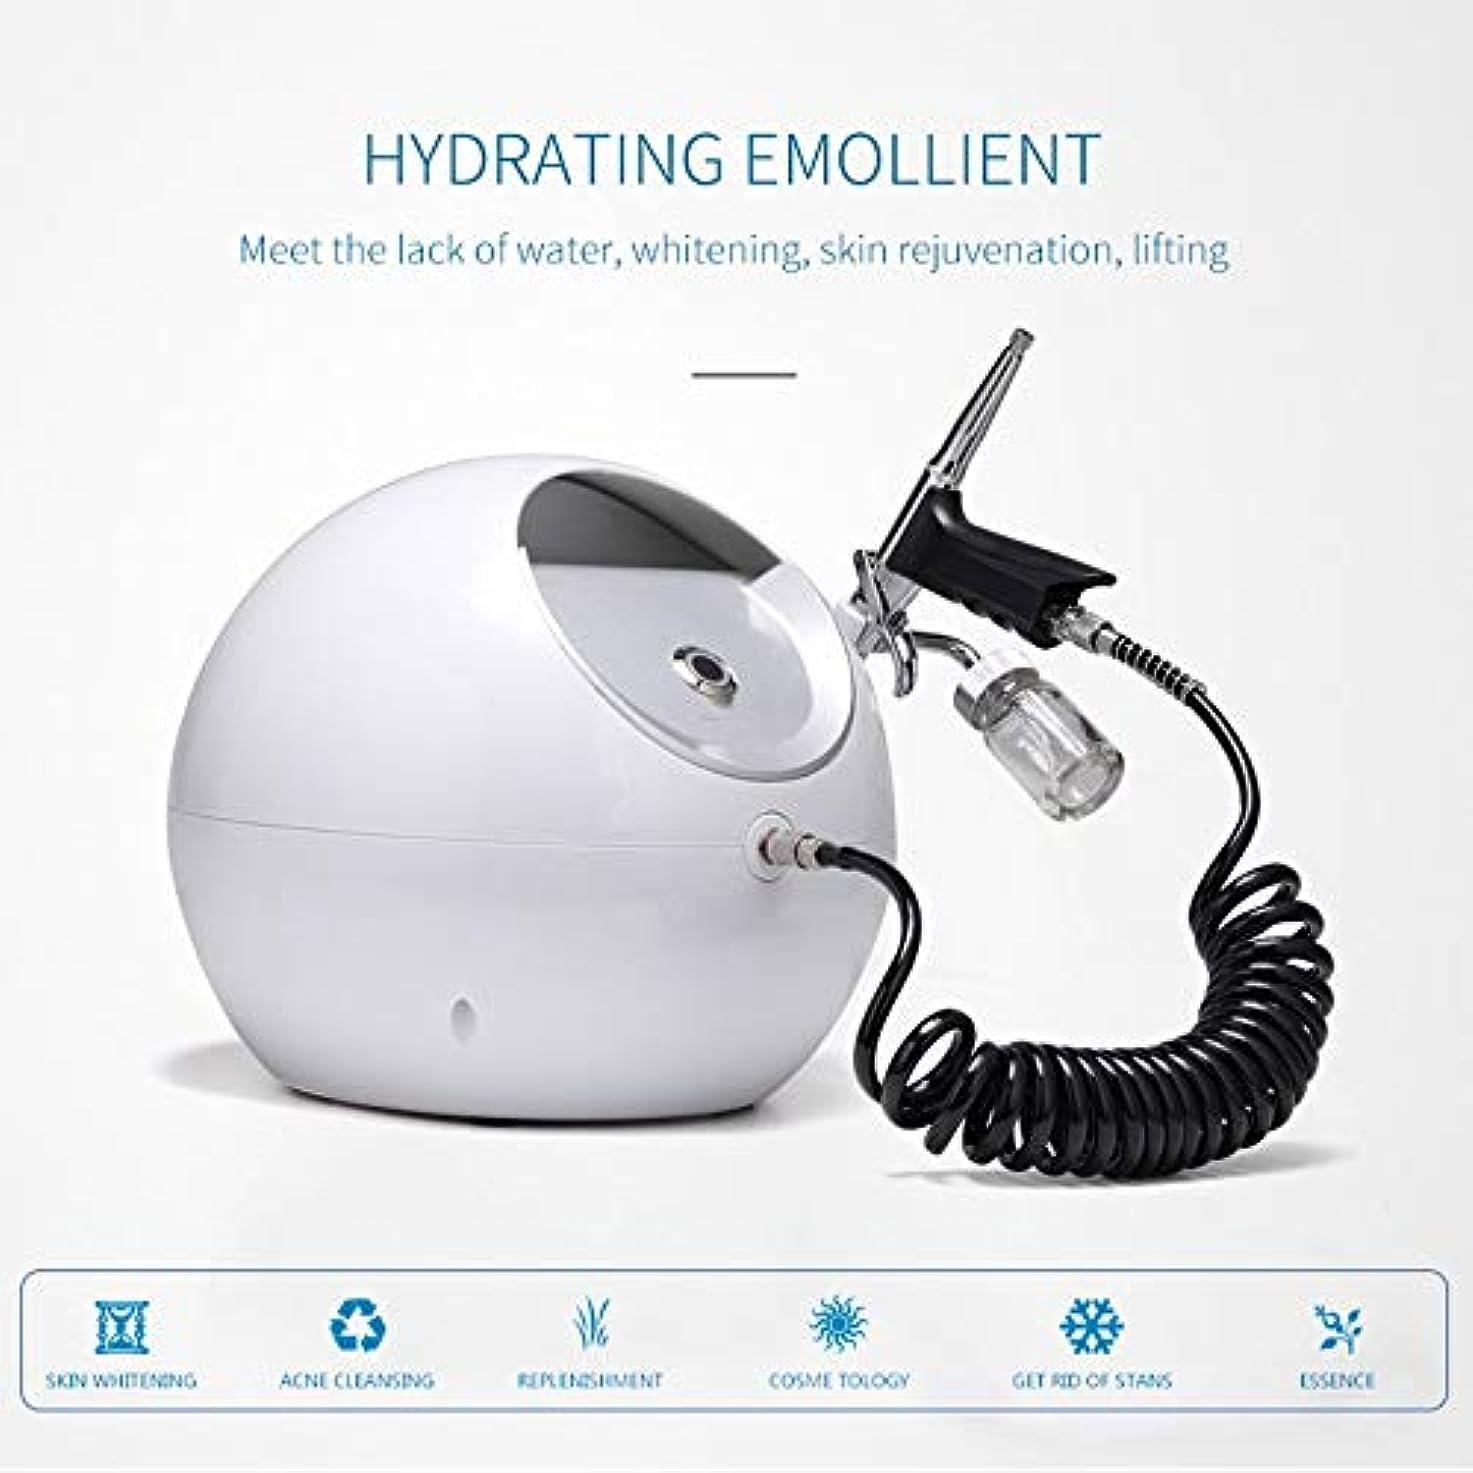 精通した禁じるパシフィック2 In1 小バブル酸素ジェットピールハイドロフェイシャルダーマブレーションマシン、フェイシャルクリーニングブラックヘッドにきびのための皮膚酸素注入美容機器